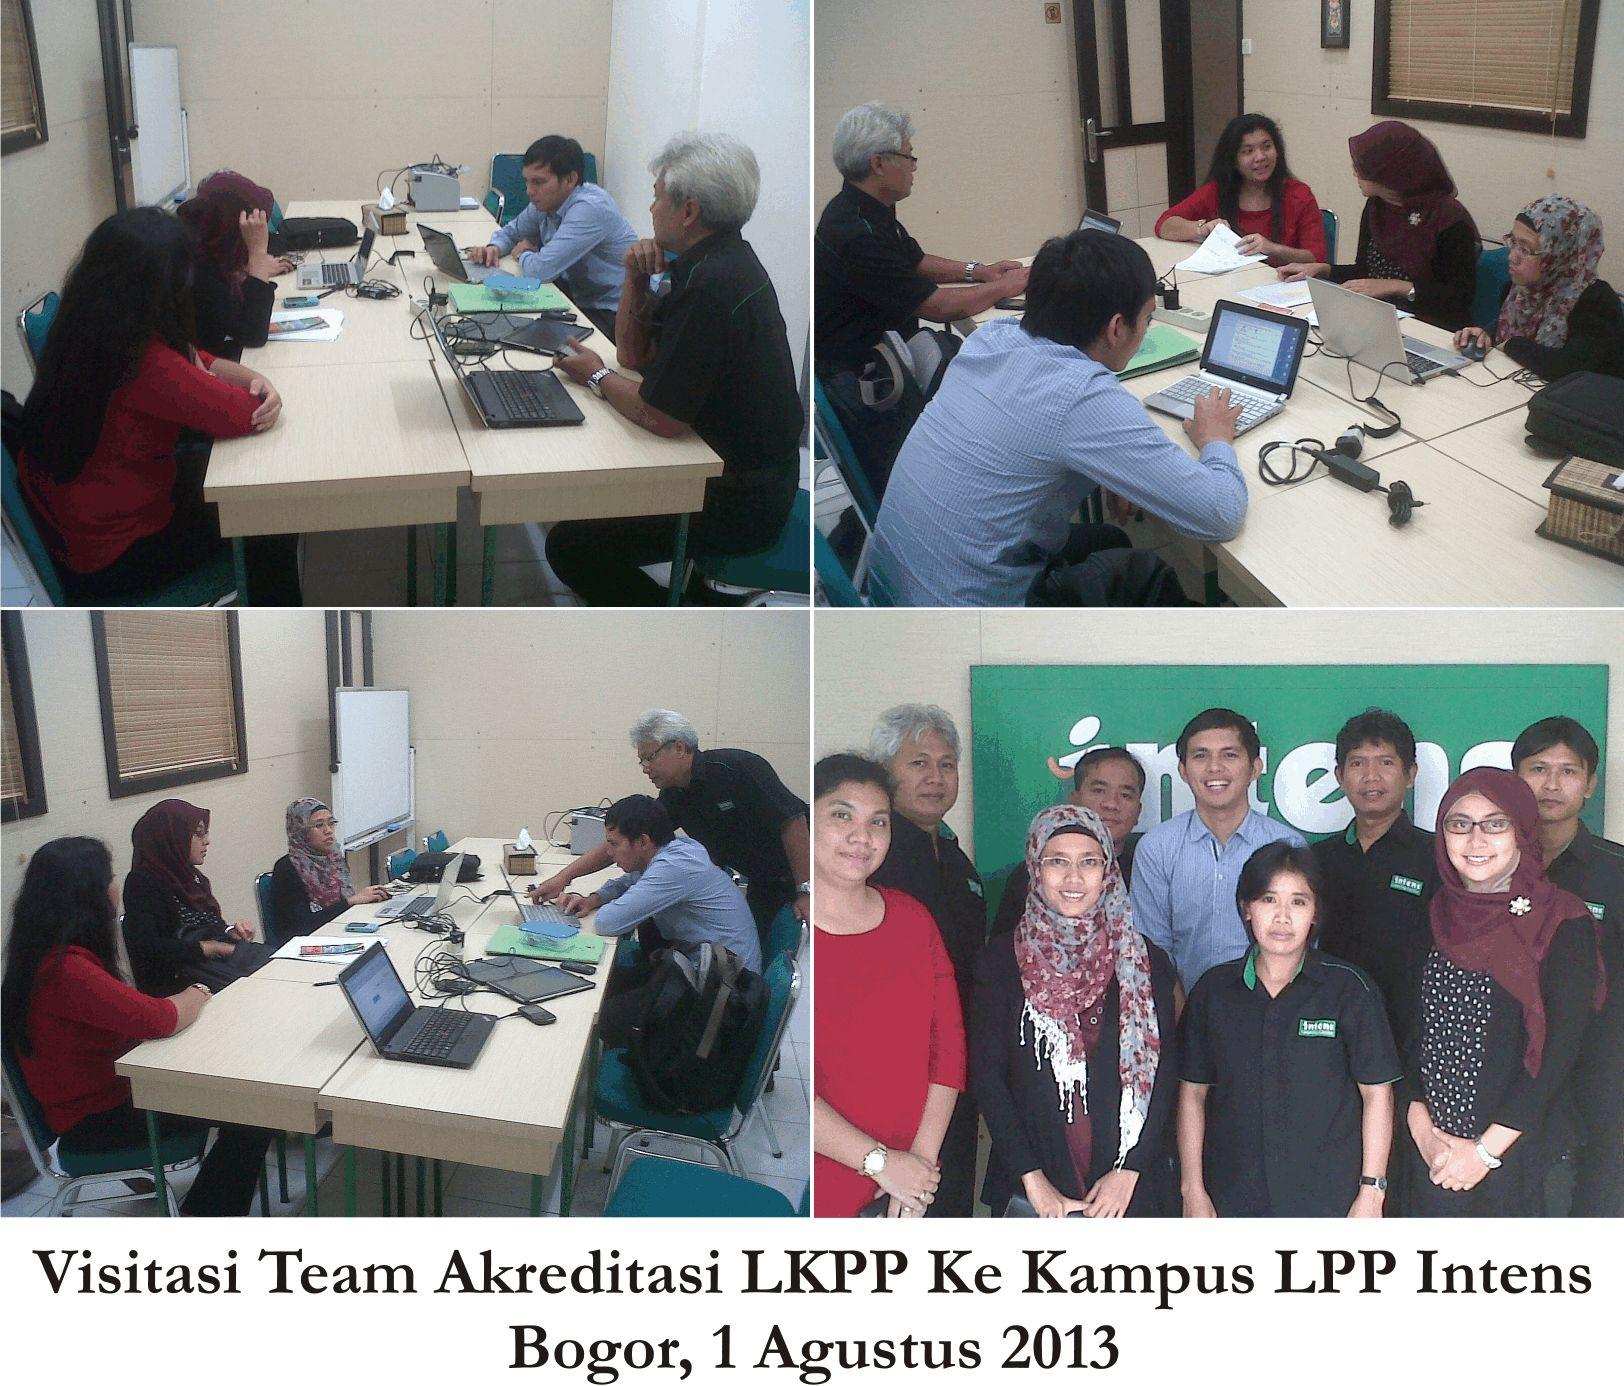 Visitasi Team Akreditasi LKPP